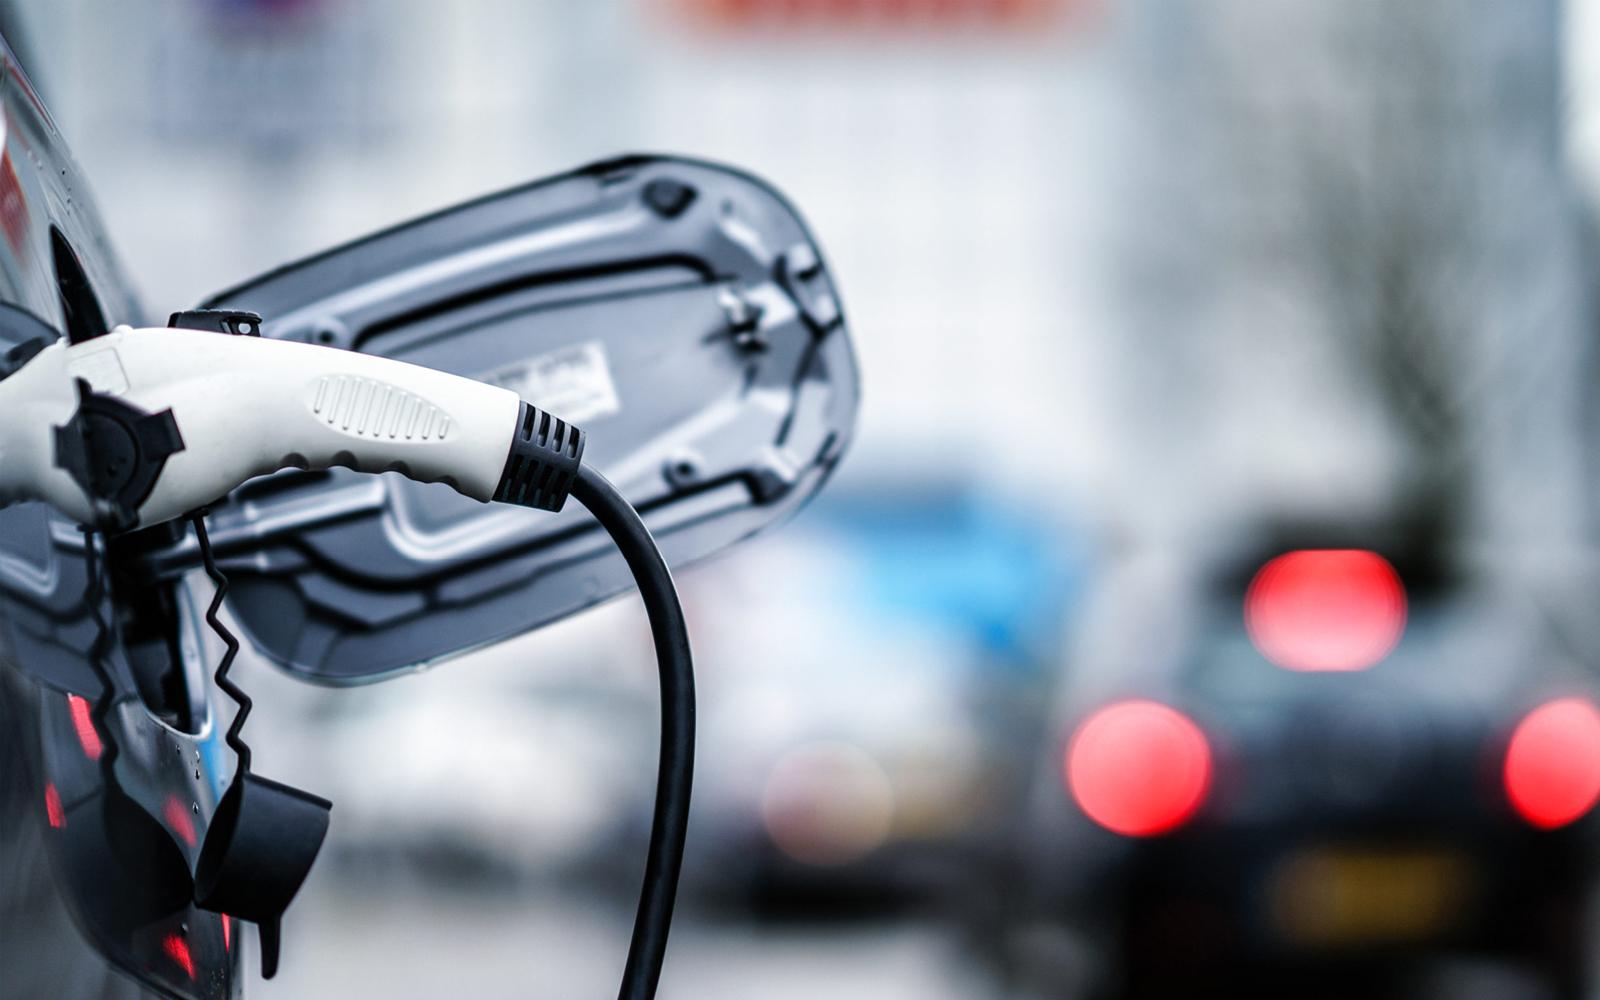 Subvention pour les bornes de recharge électrique à usage domestique